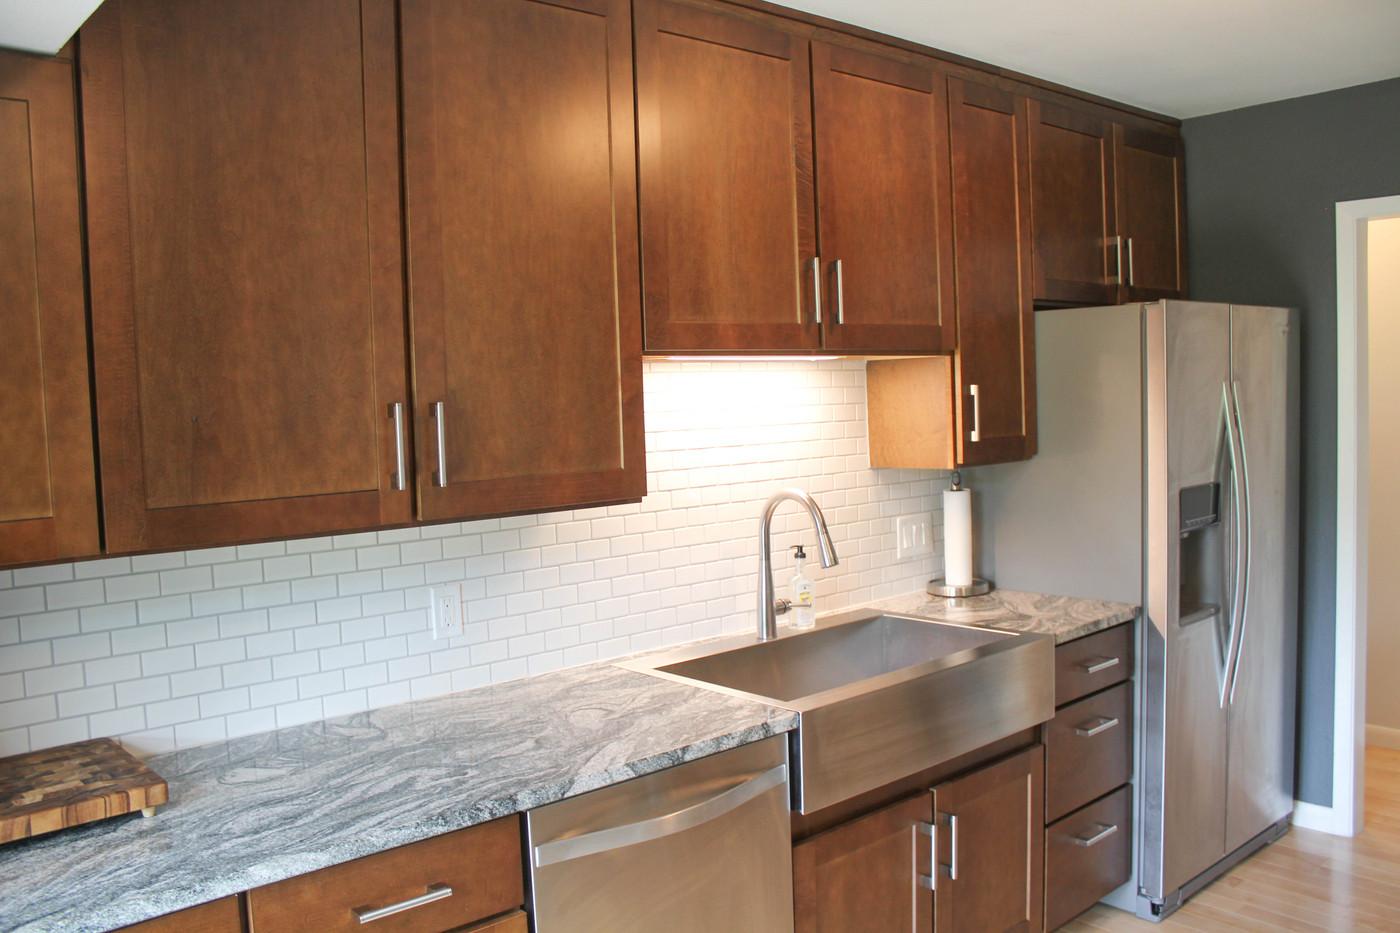 1 A_Kitchen 1.jpg